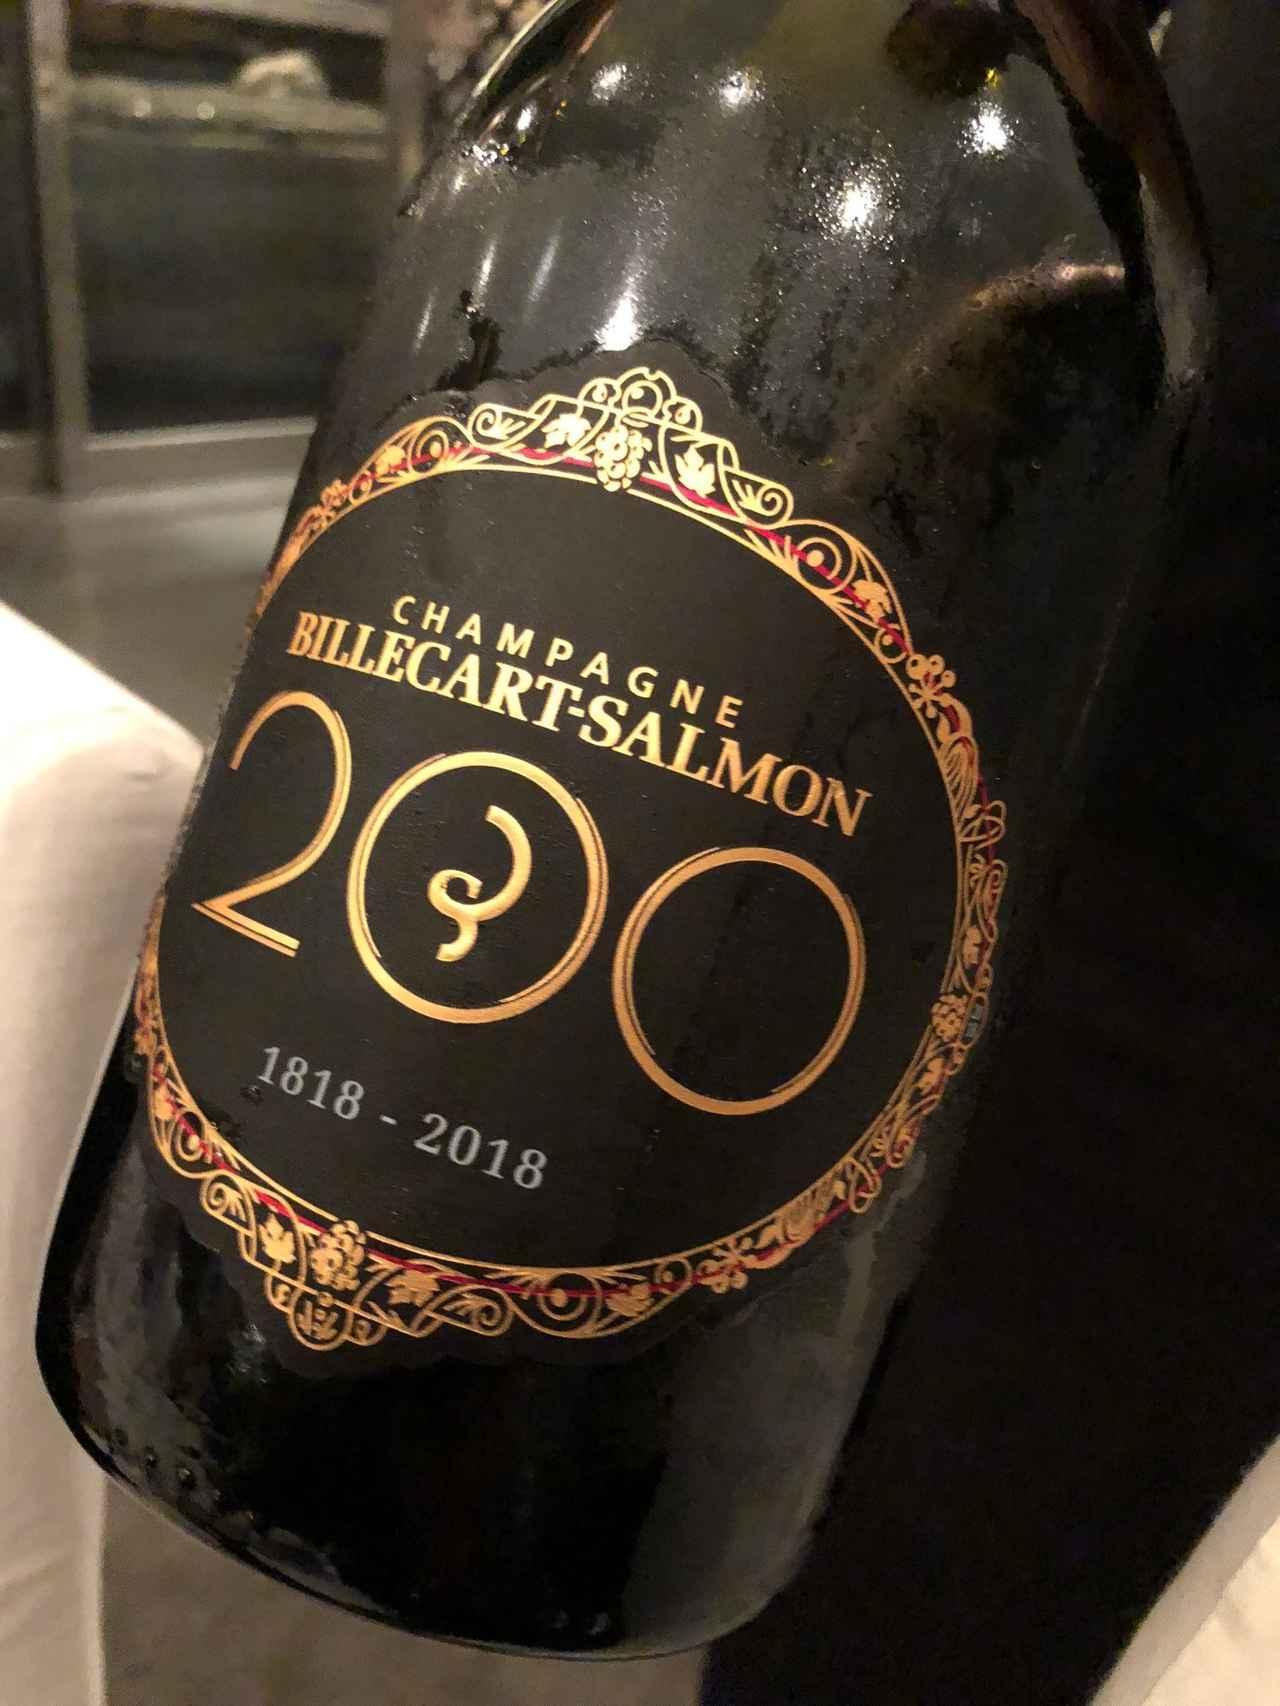 画像1: 1818本限定の『Cuvée 200』をお披露目。ビルカール・サルモン200周年記念イベント開催